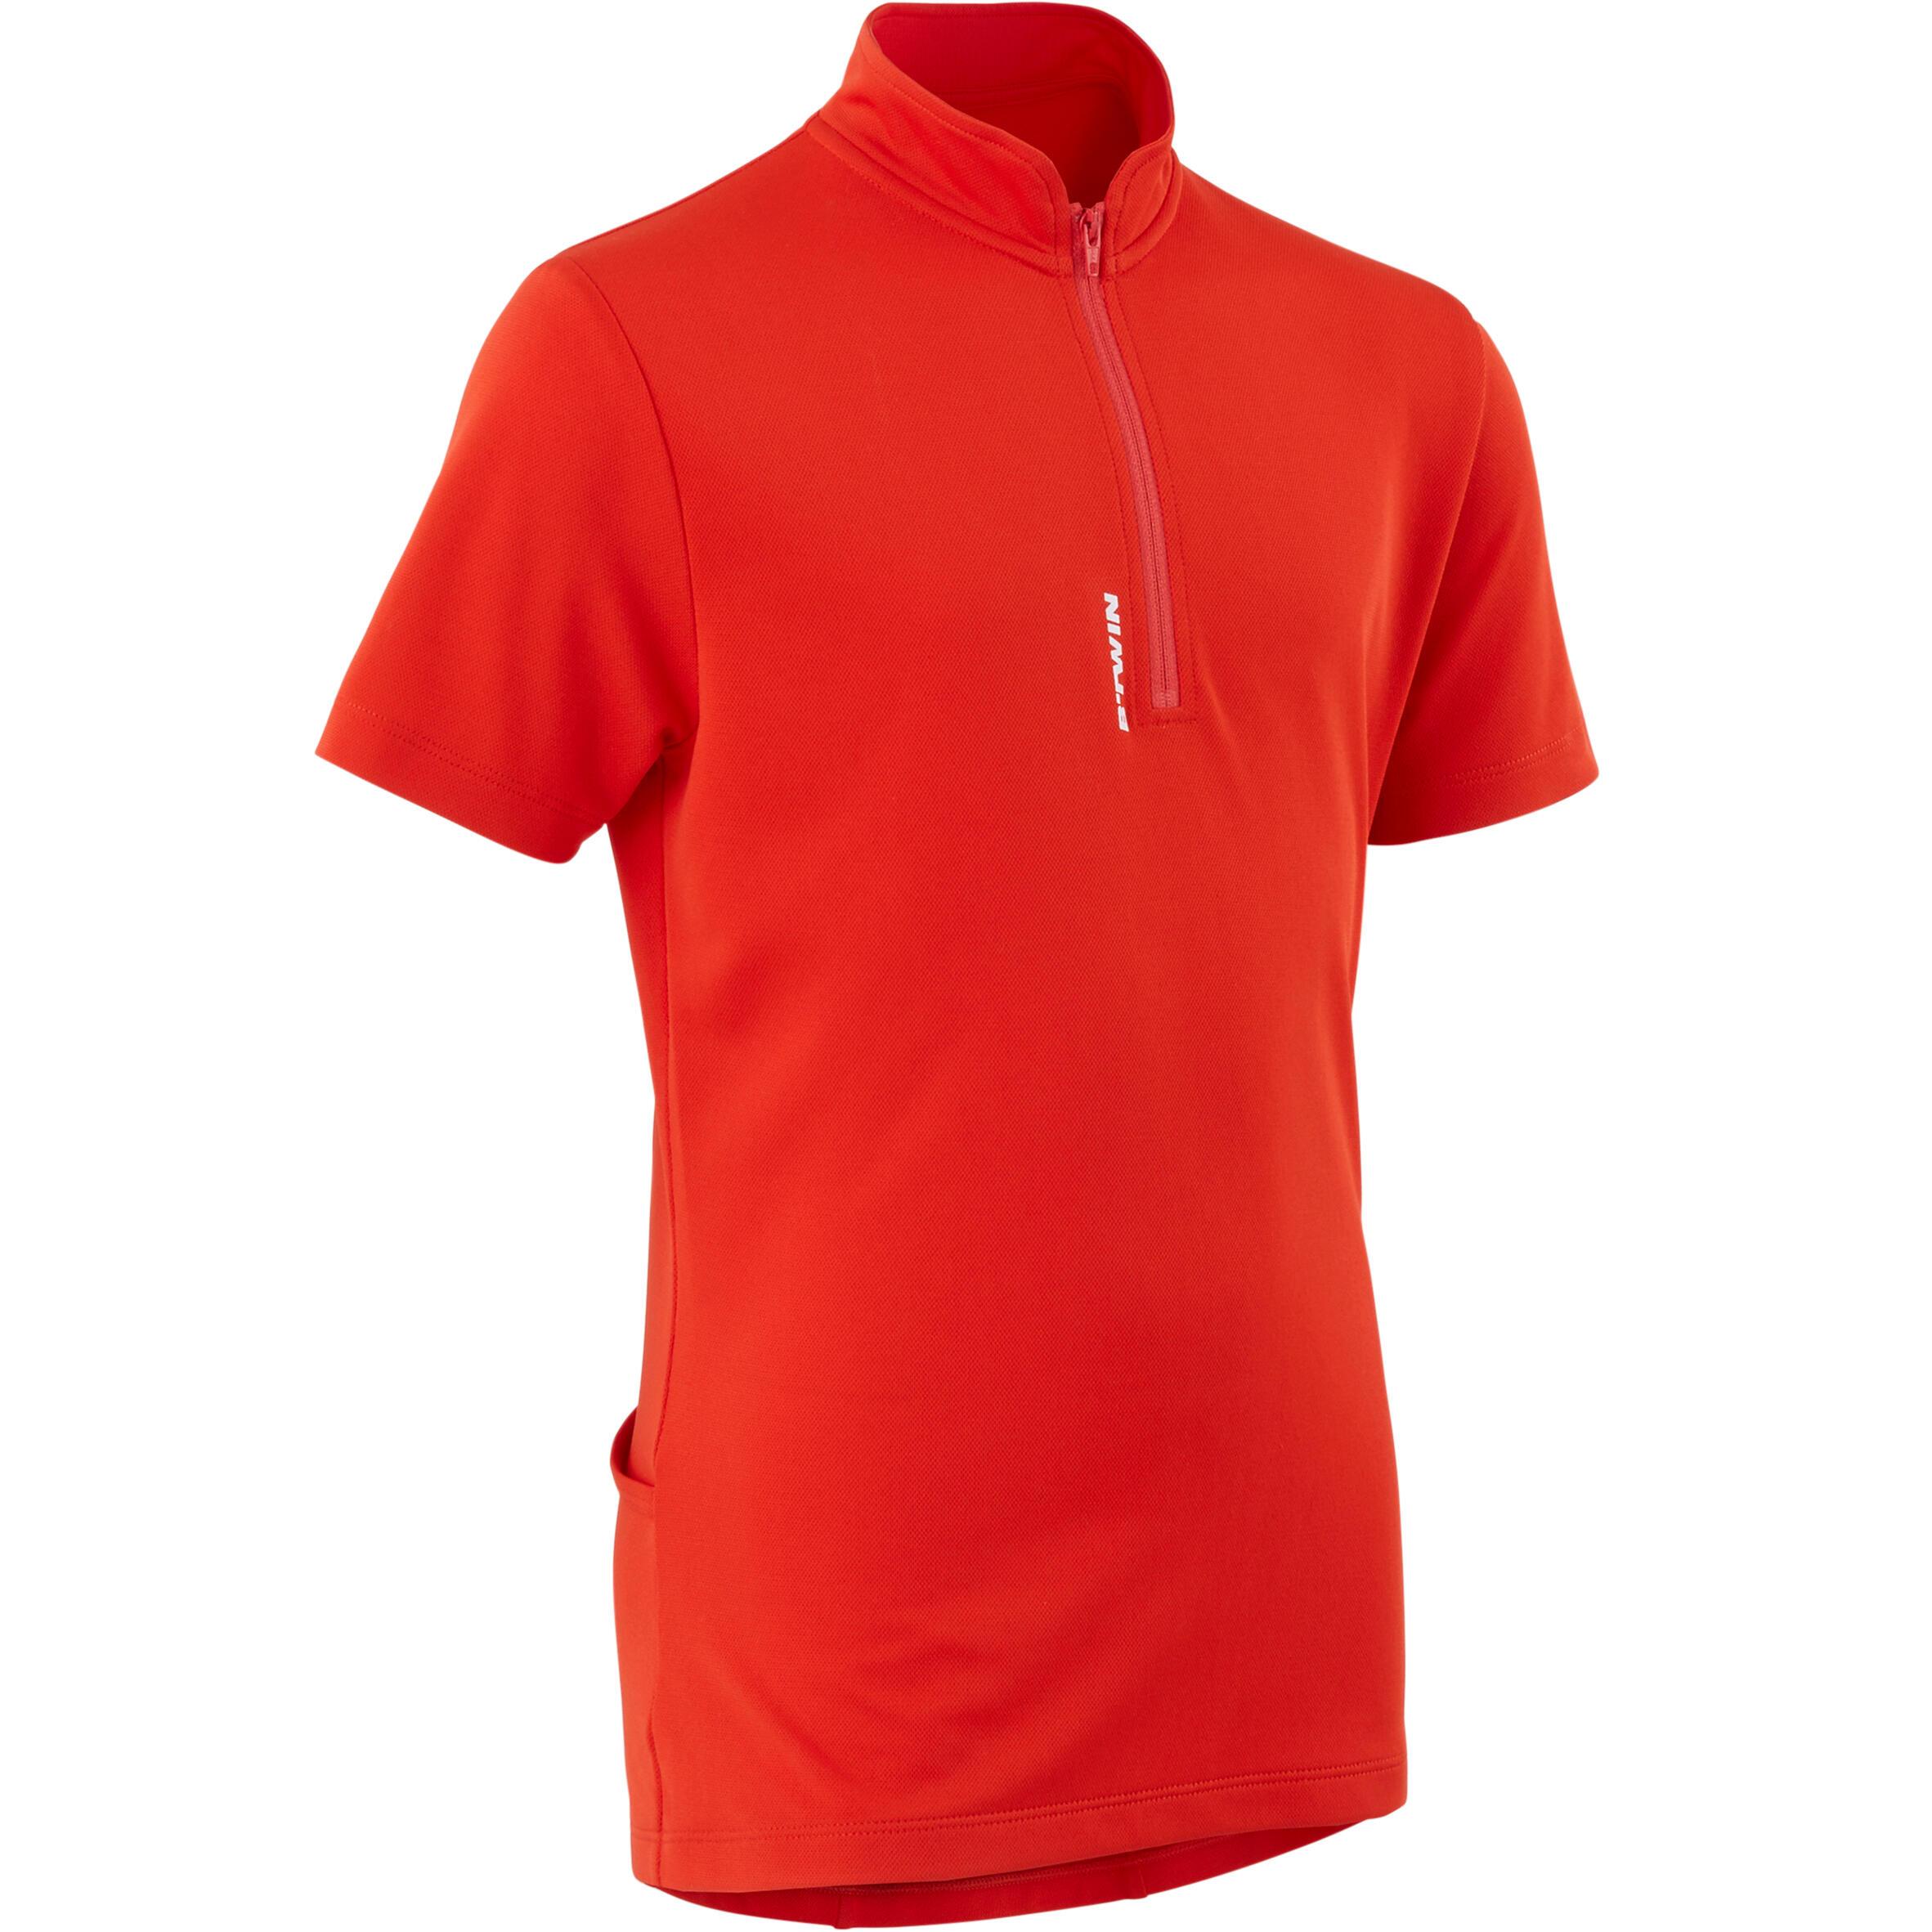 B'twin Fietsshirt met korte mouwen voor kinderen 100 rood kopen? Leest dit eerst: Fietskleding Fietsshirts met korting